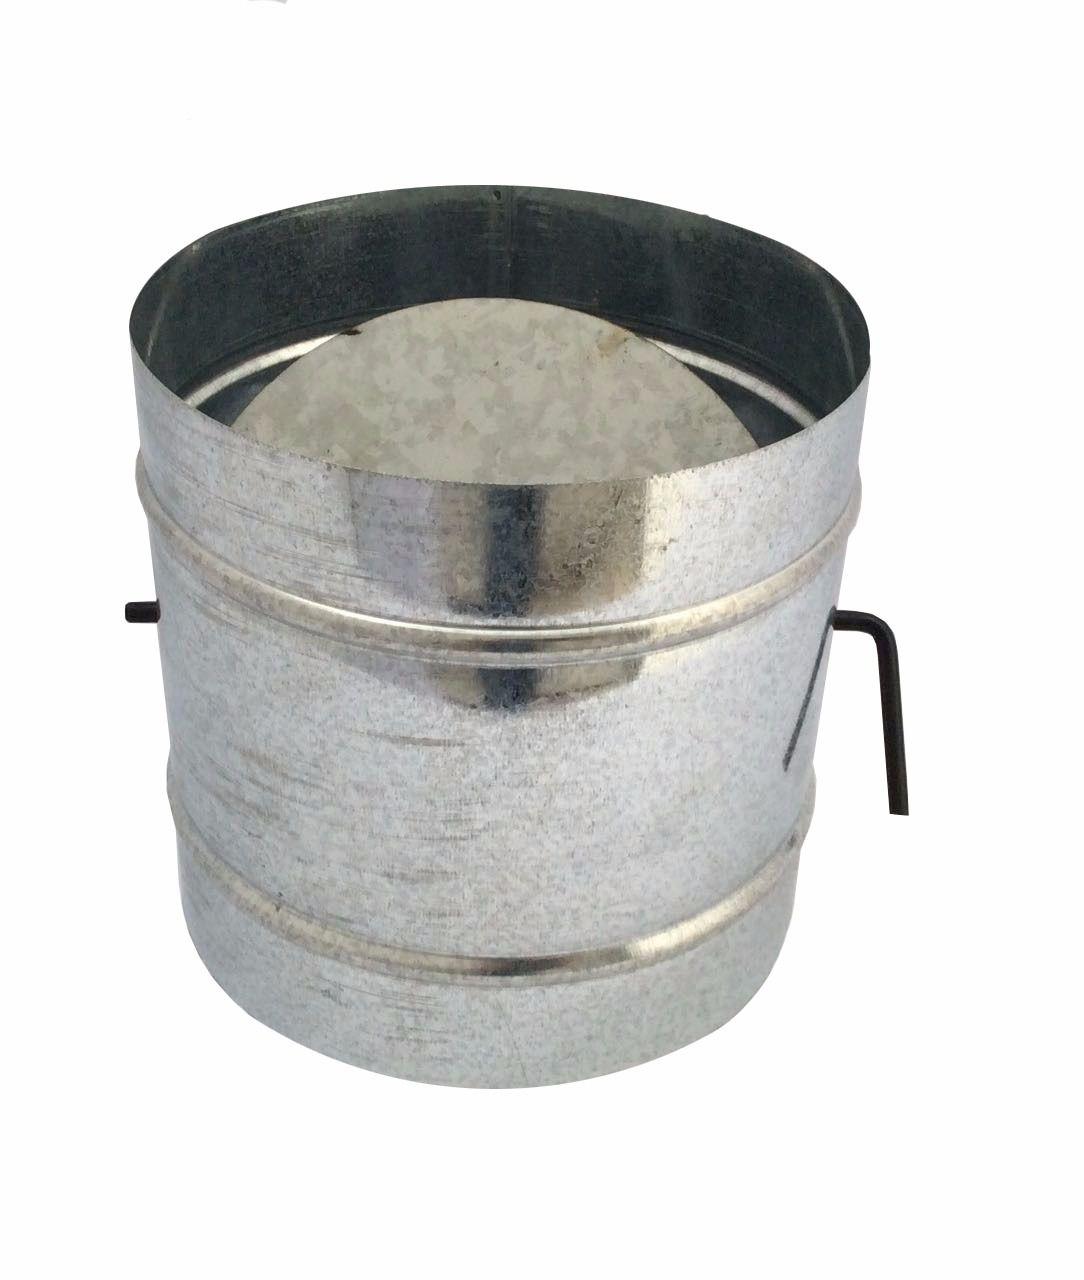 Registro / dumper galvanizado para chaminé de 100 mm de diâmetro  - Galvocalhas